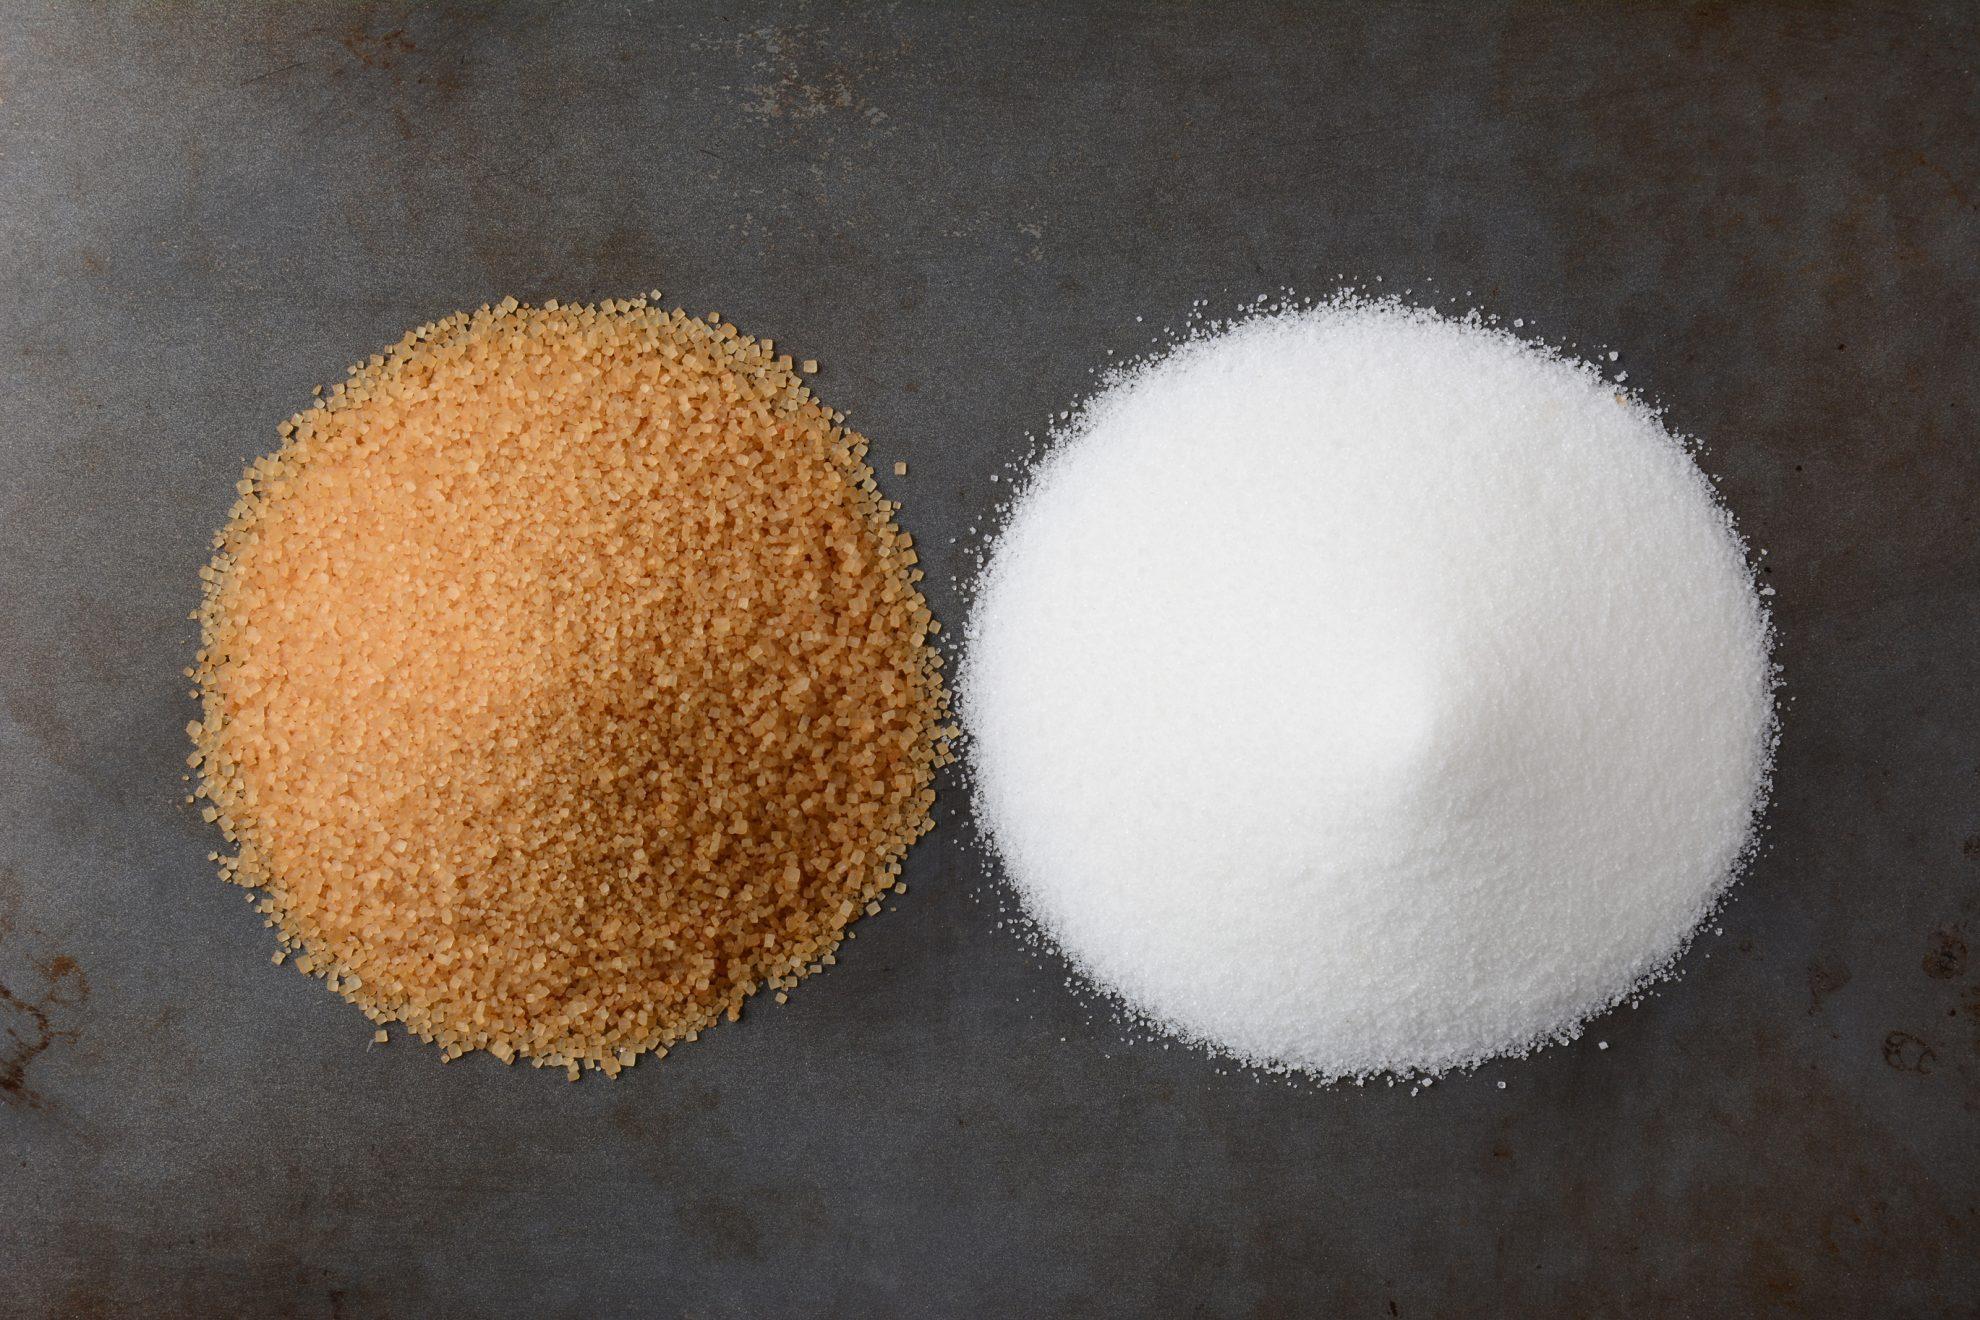 two piles of sugar- turbinado and white sugar